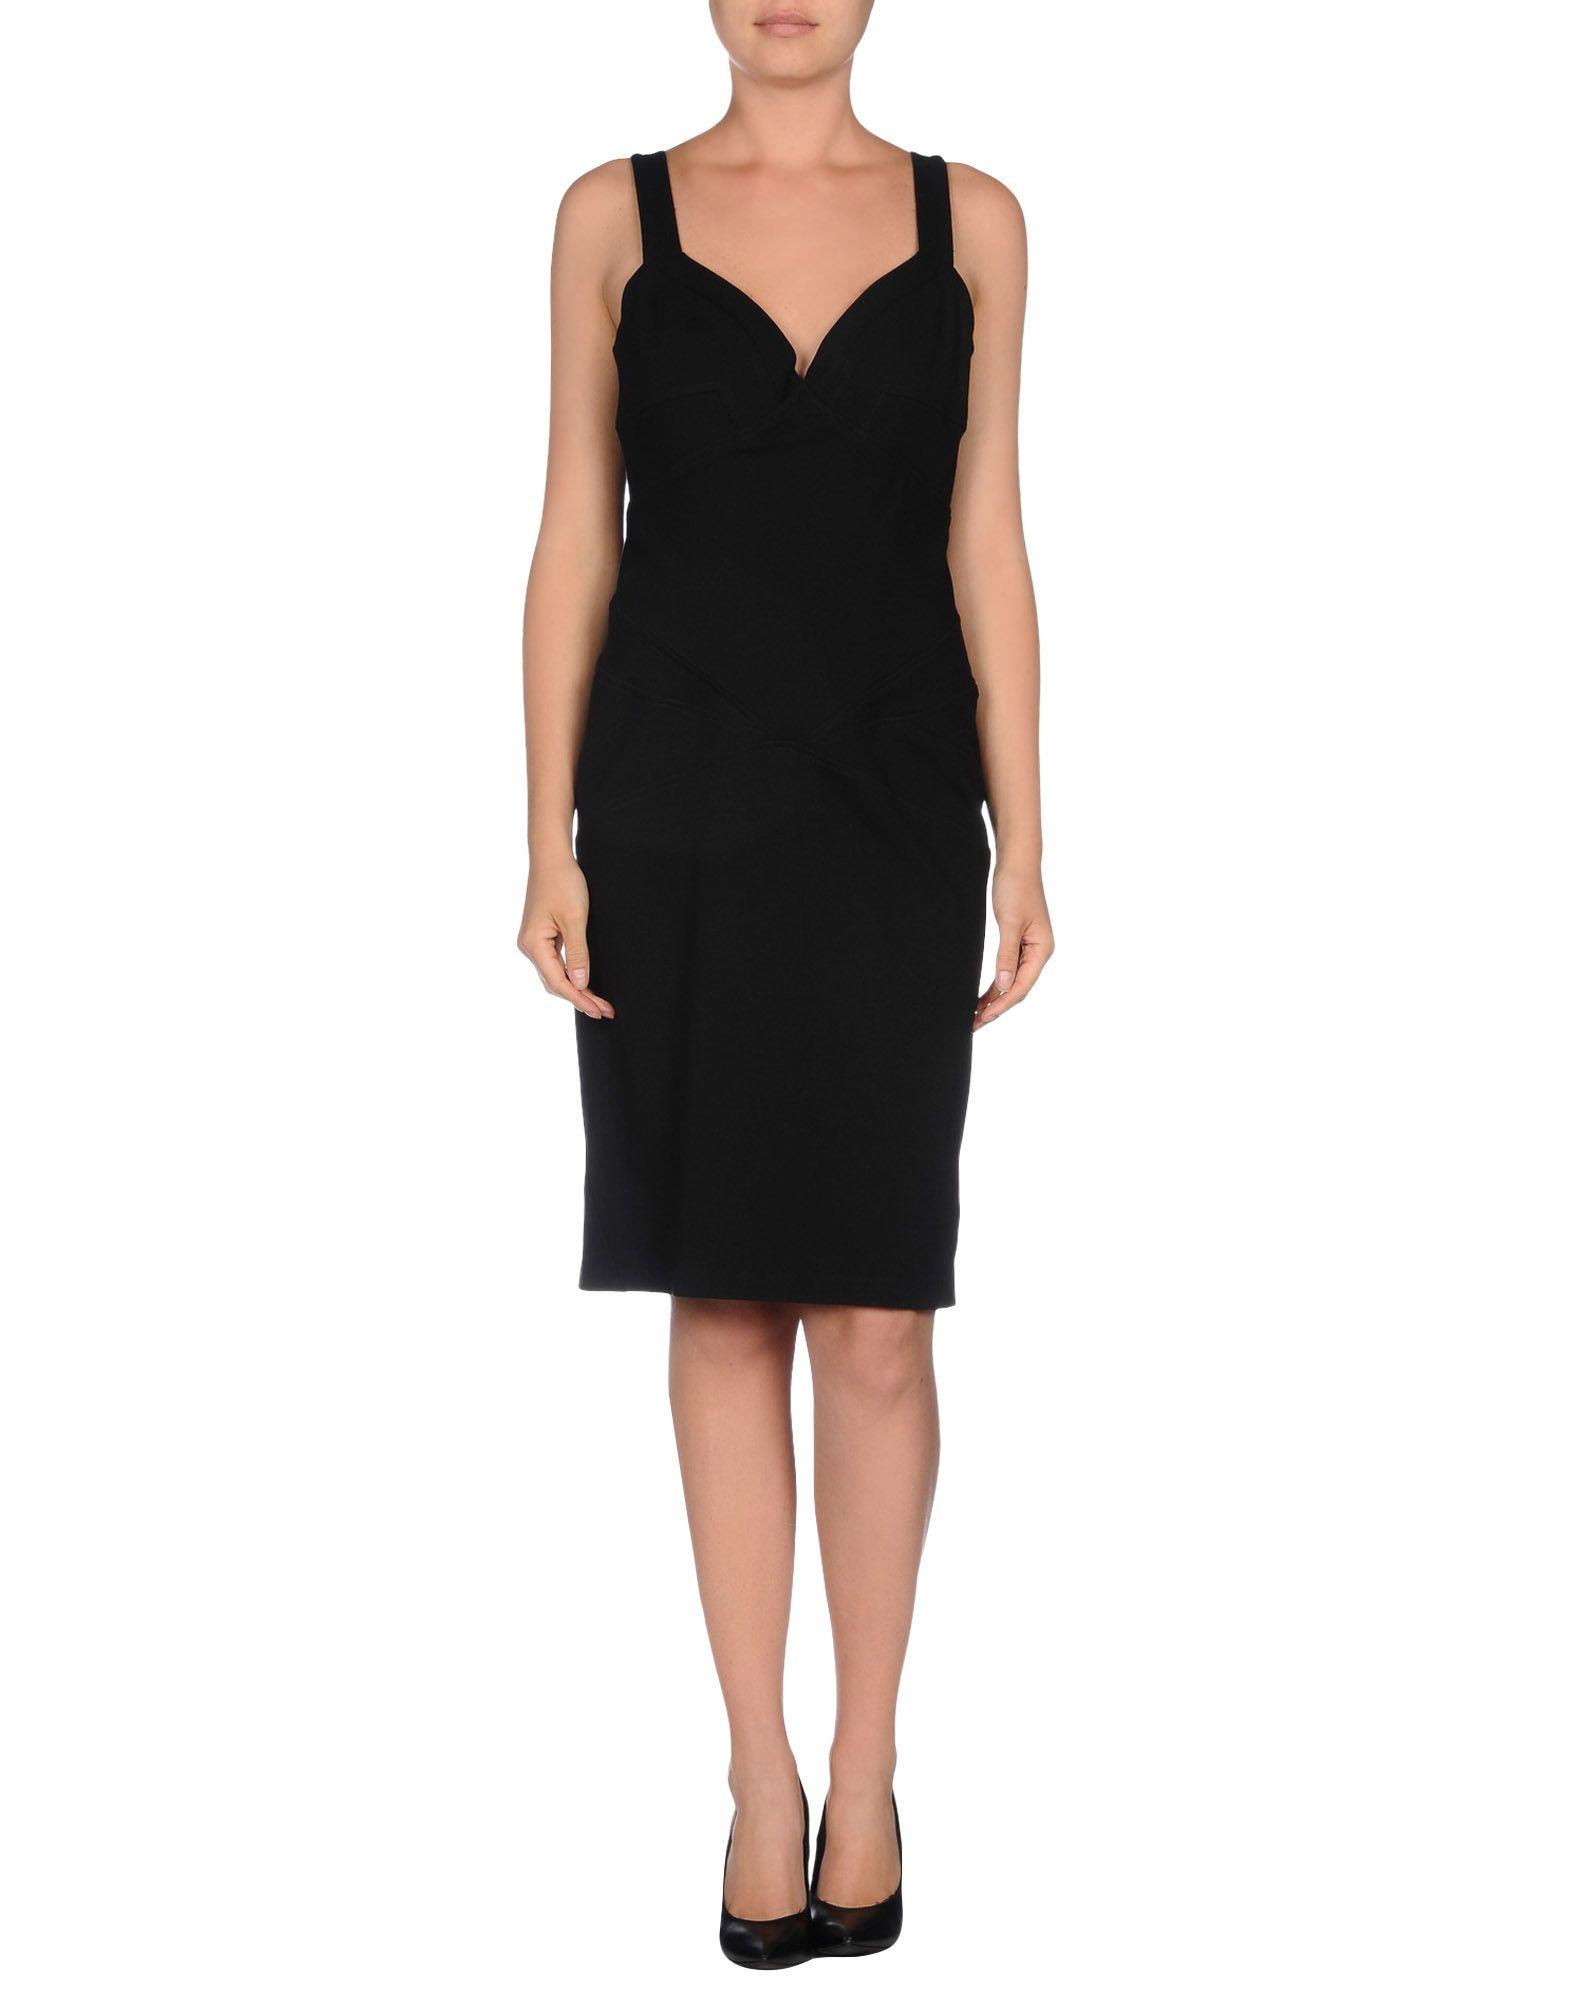 Diane von furstenberg knee length dress in black lyst for Diane von furstenberg clothing